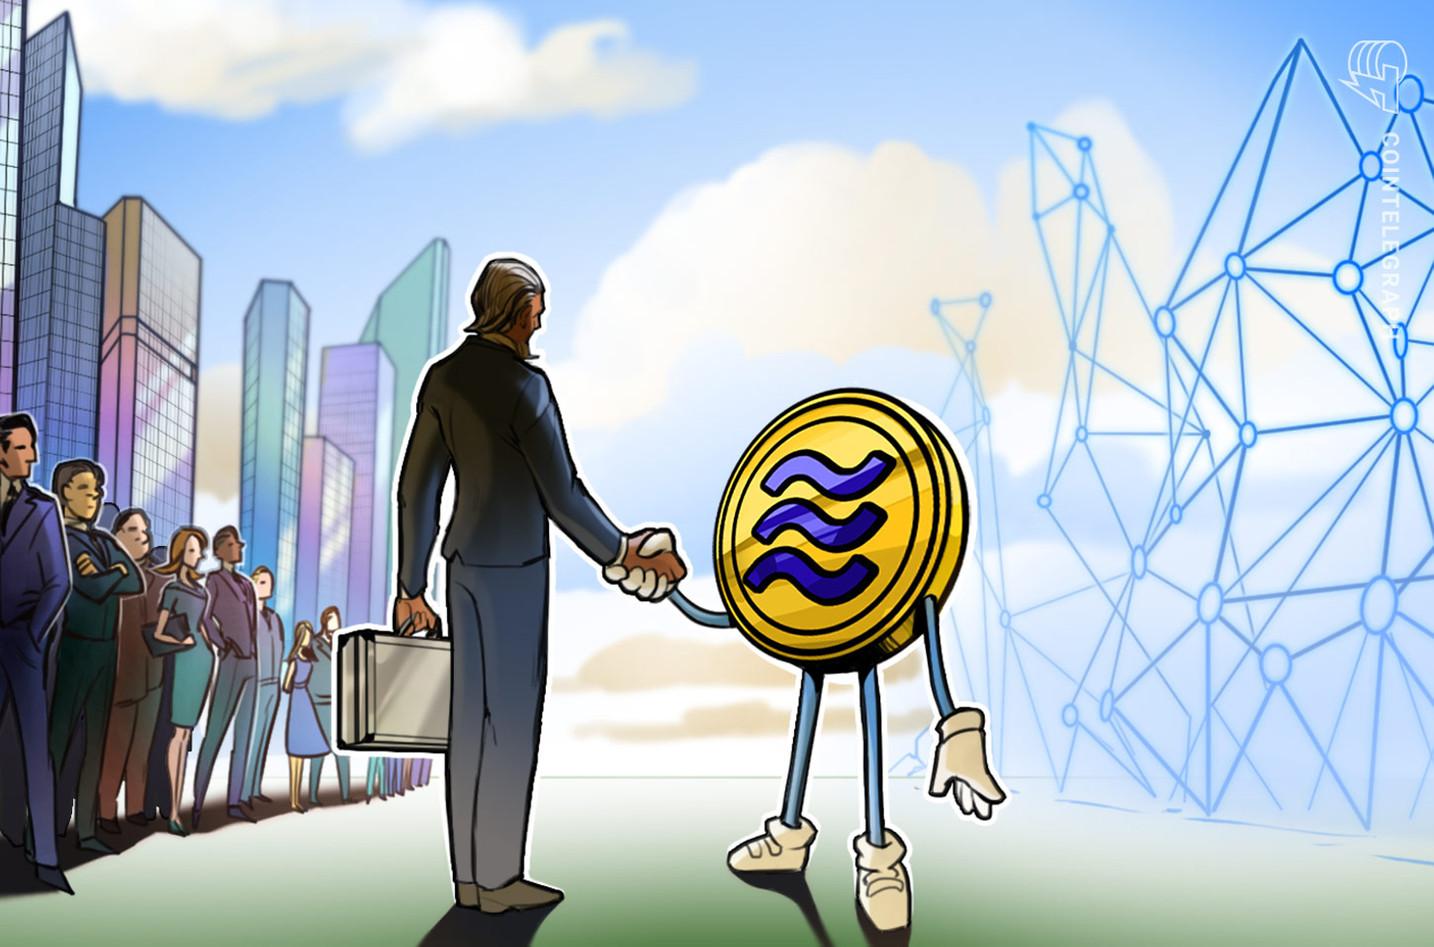 シンガポールの政府系ファンド「テマセク」、リブラ協会に加盟 | 仮想通貨投資ファンドなども